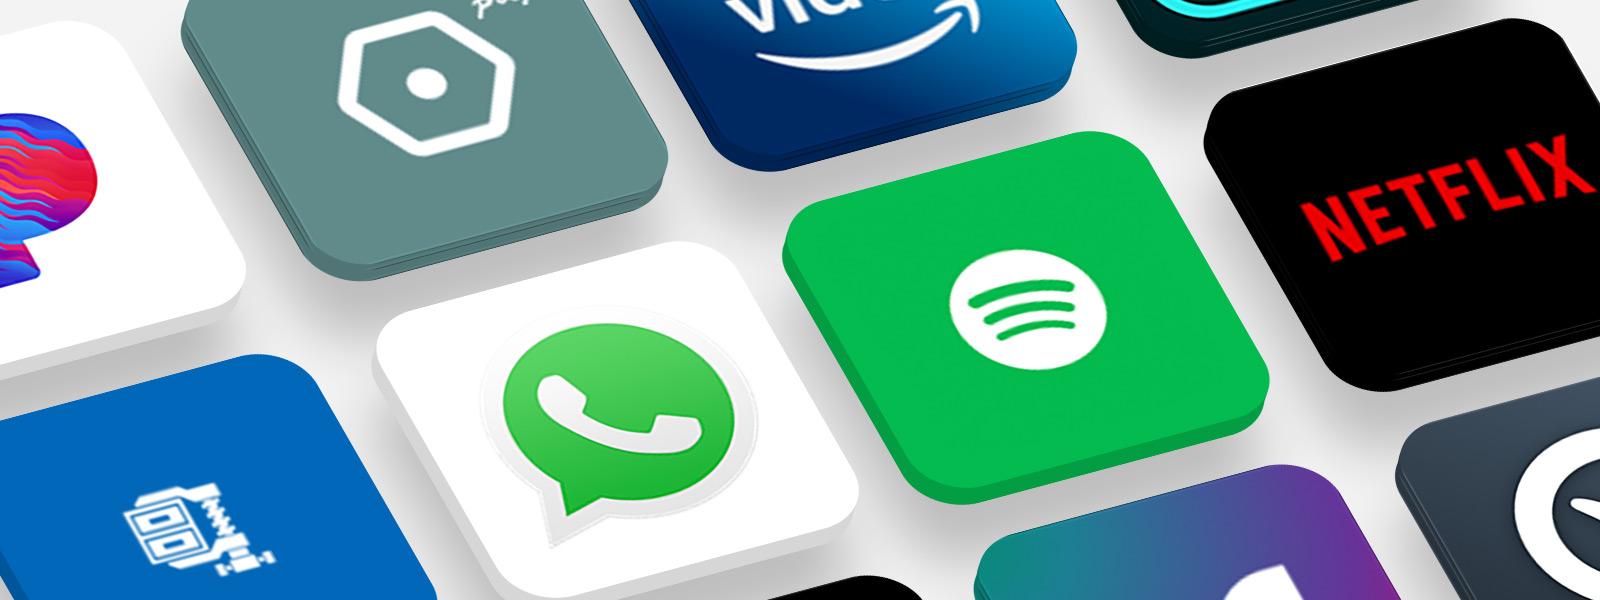 Diversos logotipos de aplicativos populares